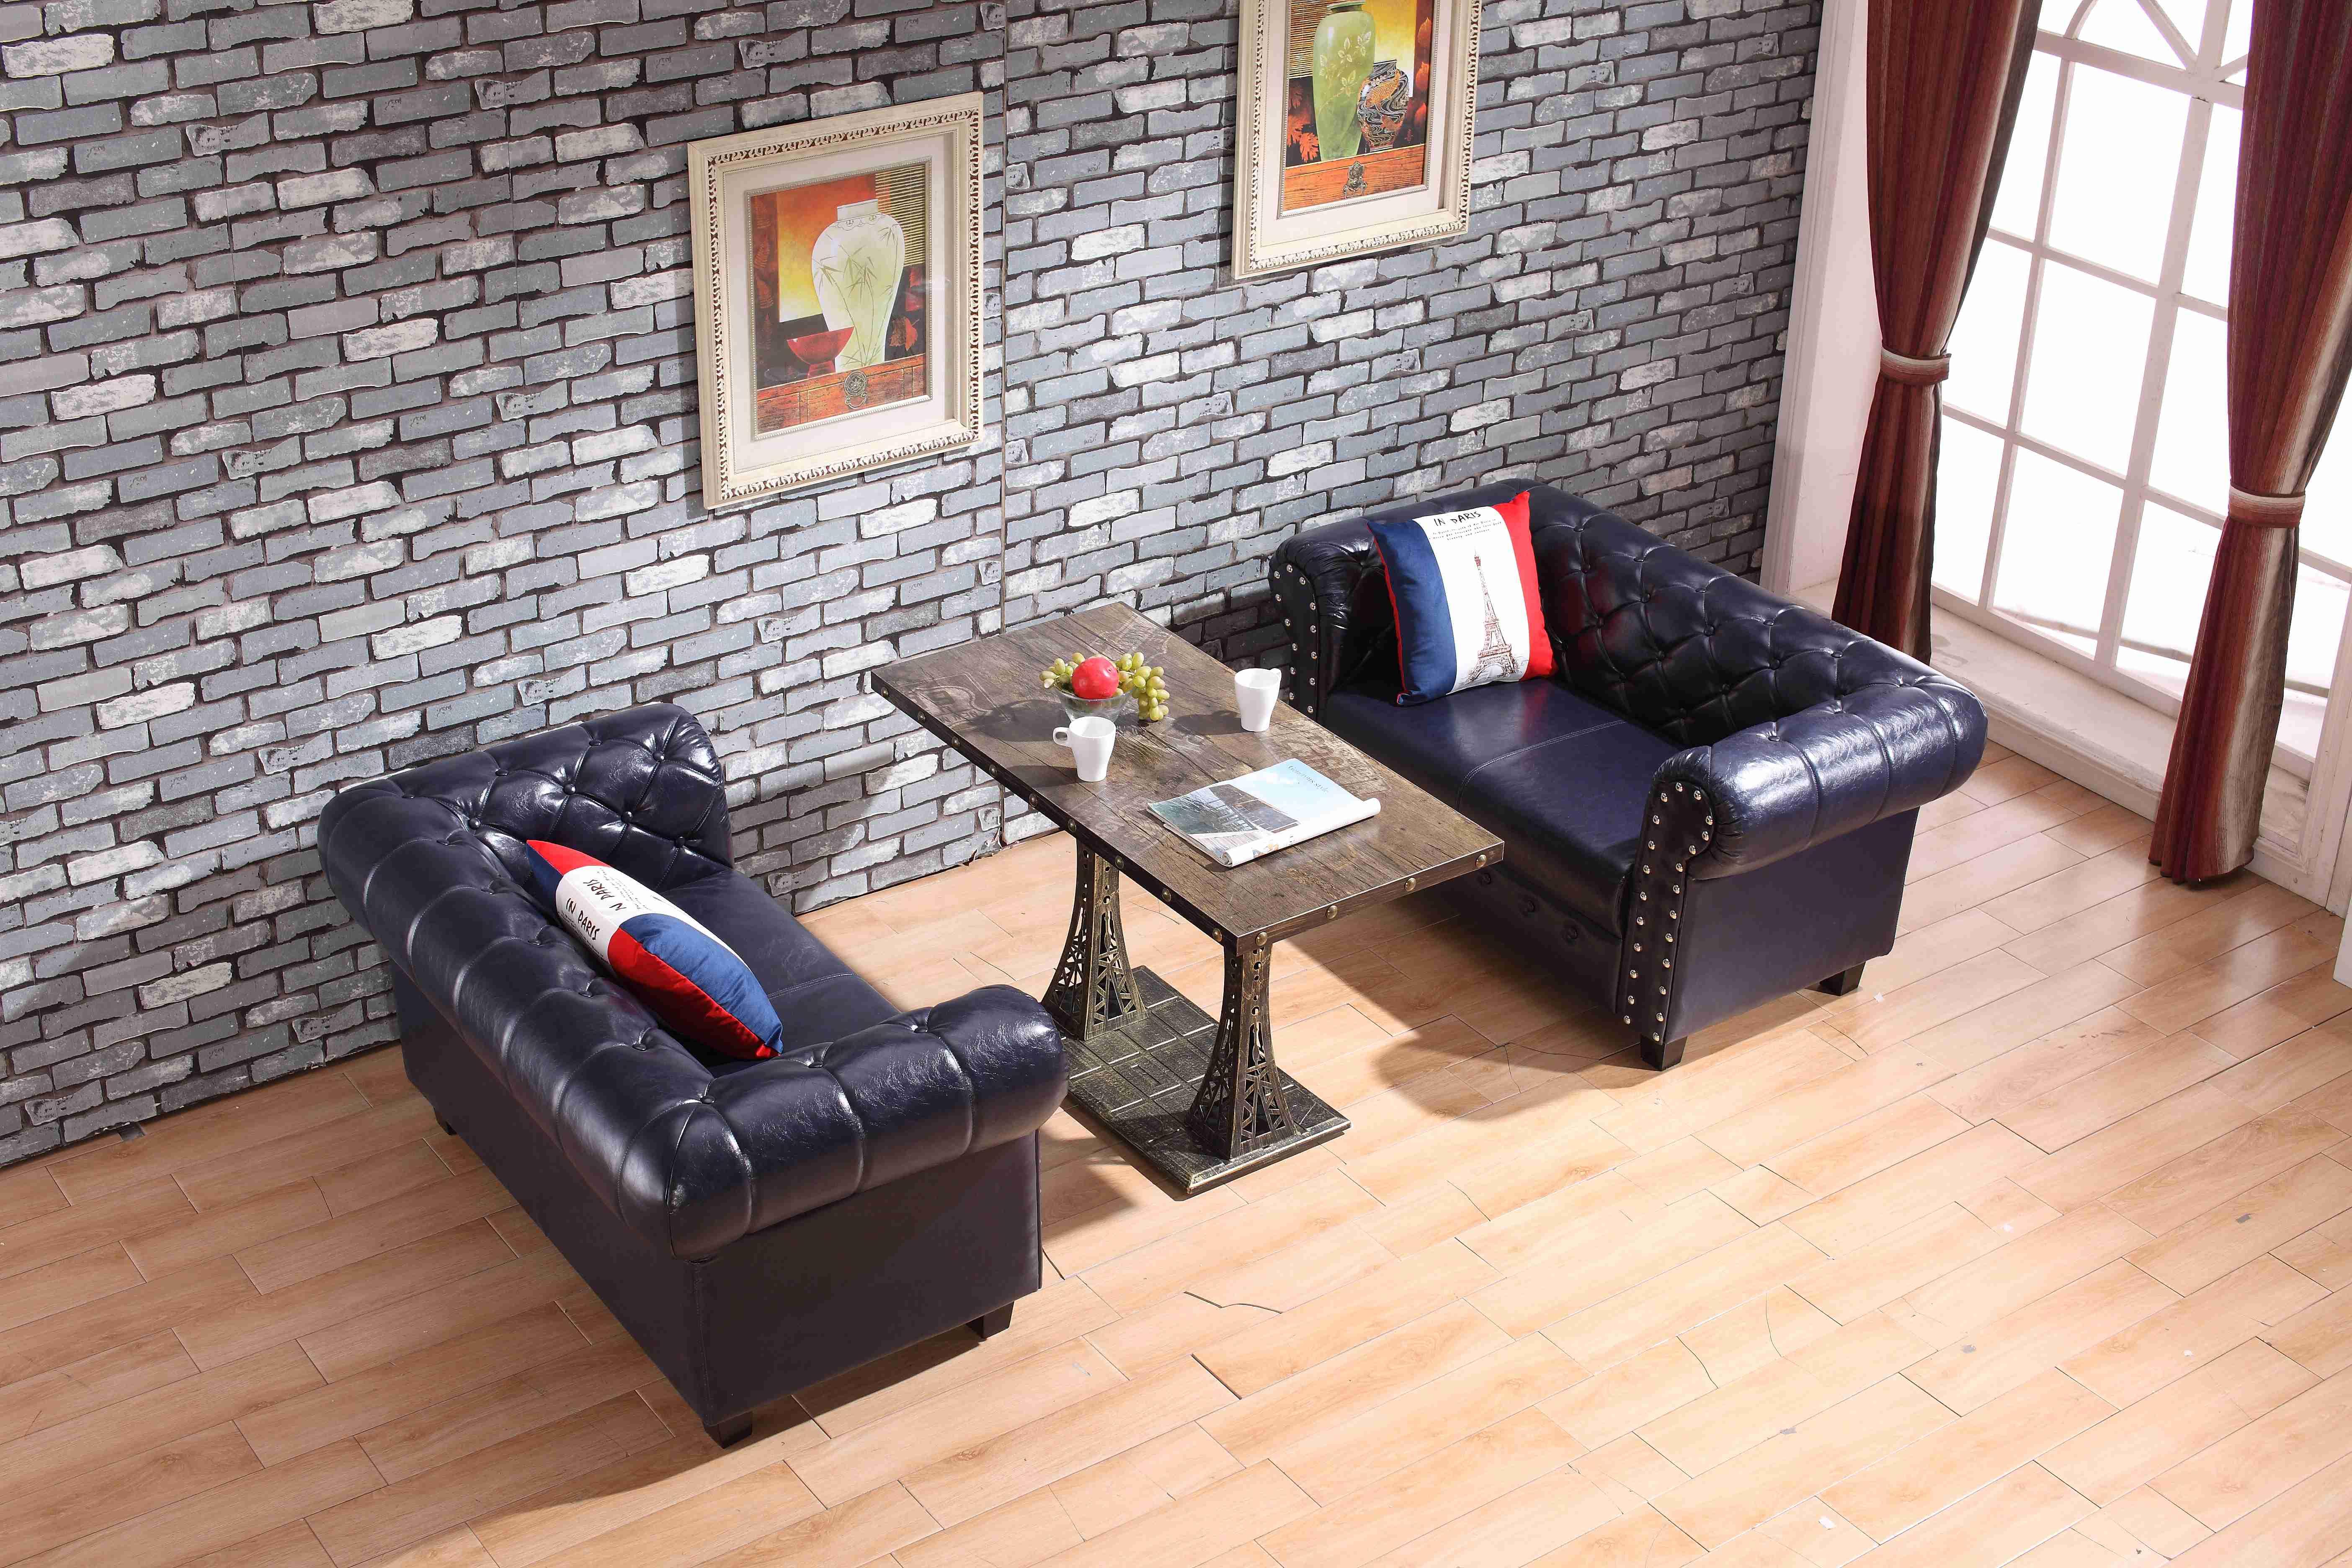 厂家美式复古沙发直销 咖啡厅美式铆钉沙发定制 沙发桌椅组合 厂家直销咖啡厅美式沙发桌椅组合